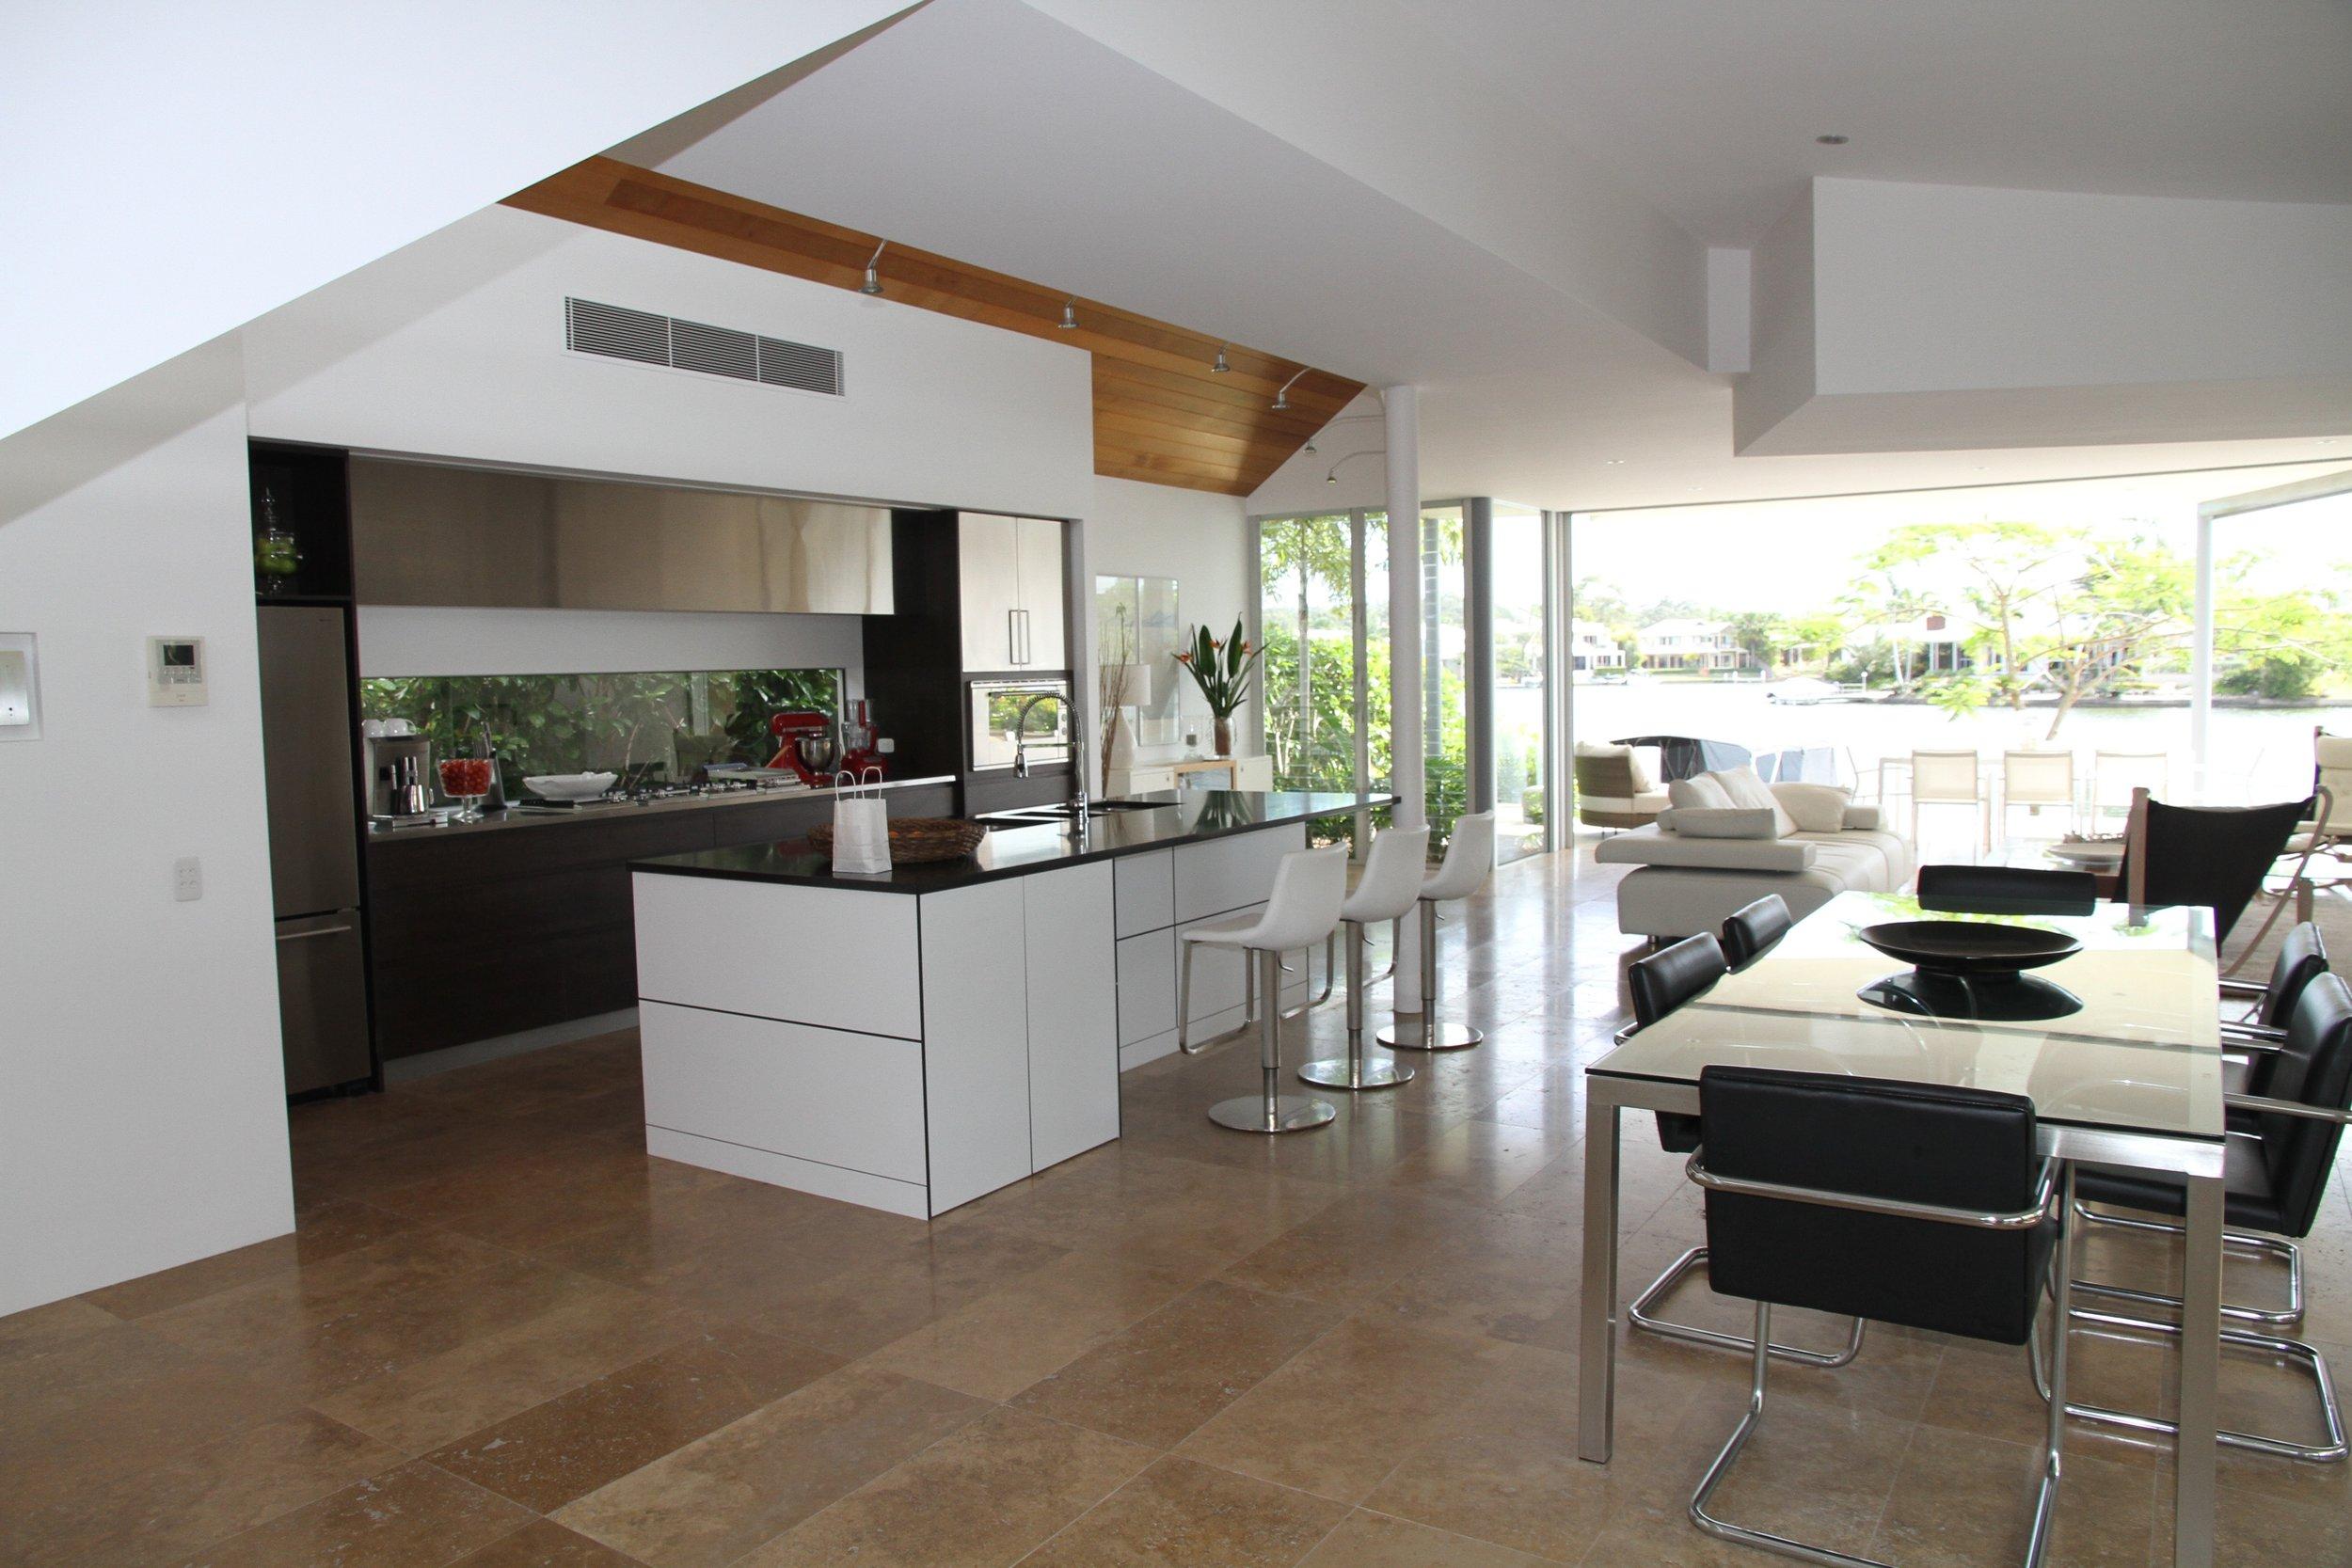 apartment-architecture-ceiling-276554.jpg